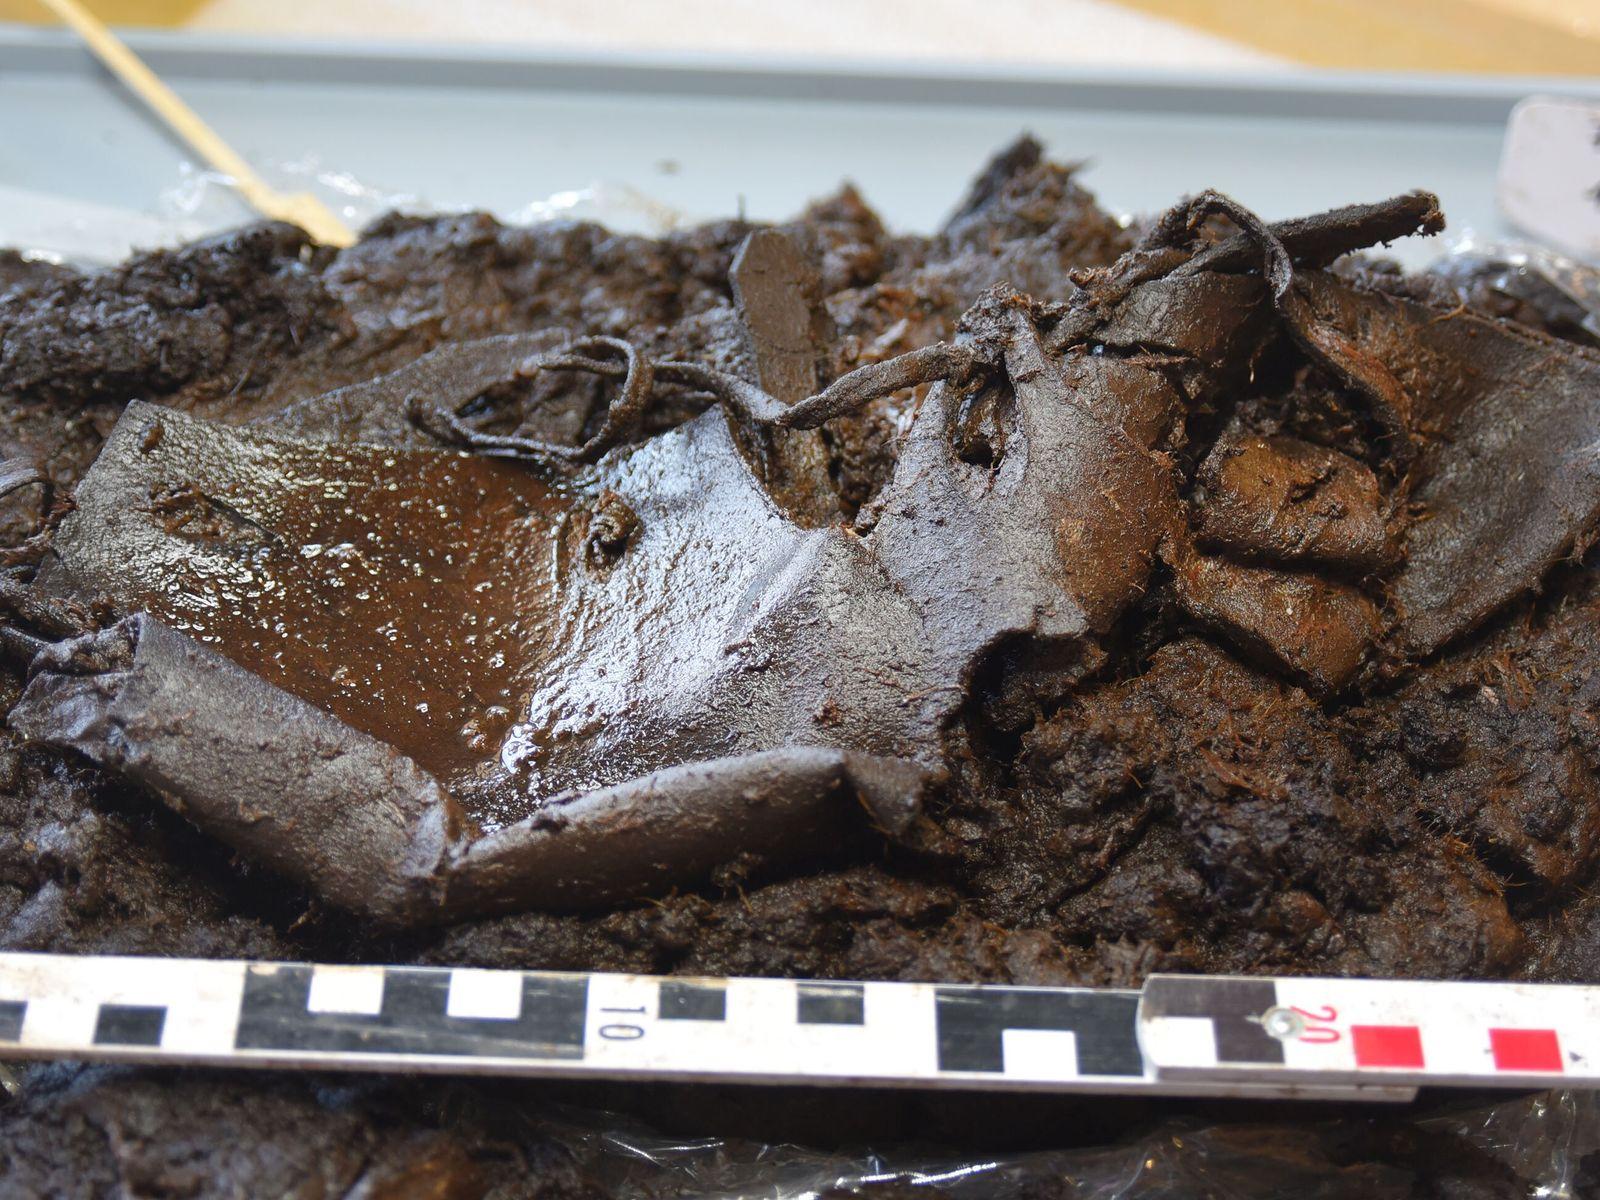 2000 Jahre alter Lederschuh im Moorboden